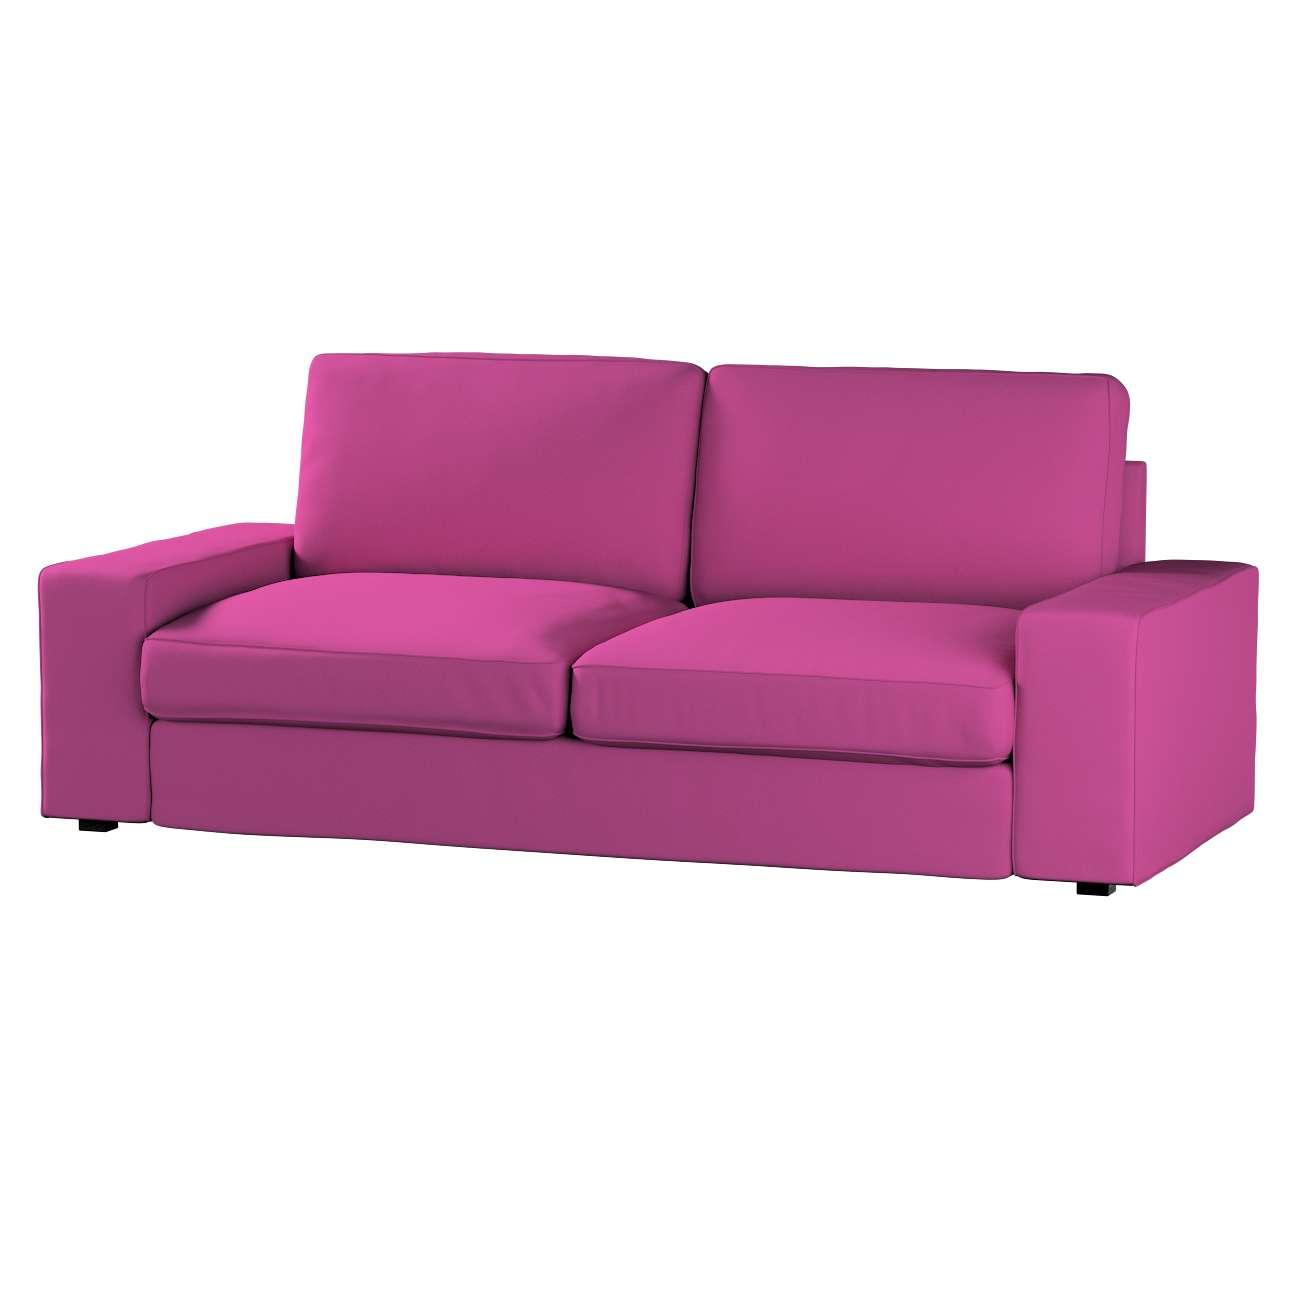 Pokrowiec na sofę Kivik 3-osobową, rozkładaną Sofa Kivik 3-osobowa rozkładana w kolekcji Etna , tkanina: 705-23